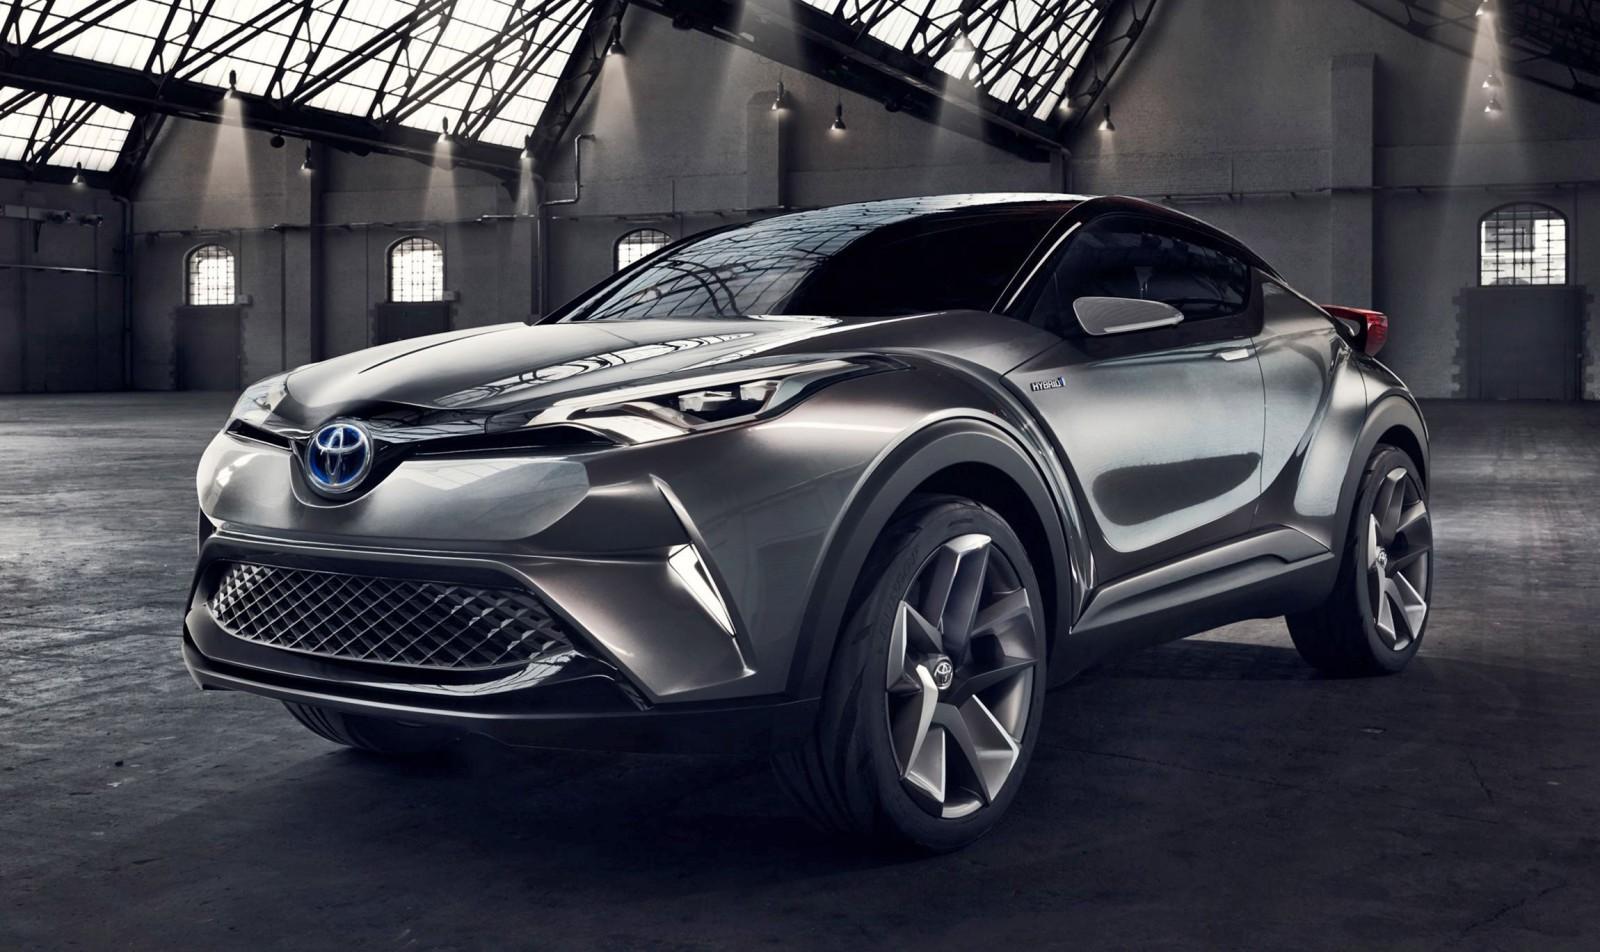 2015 Toyota C Hr Concept 4 Door